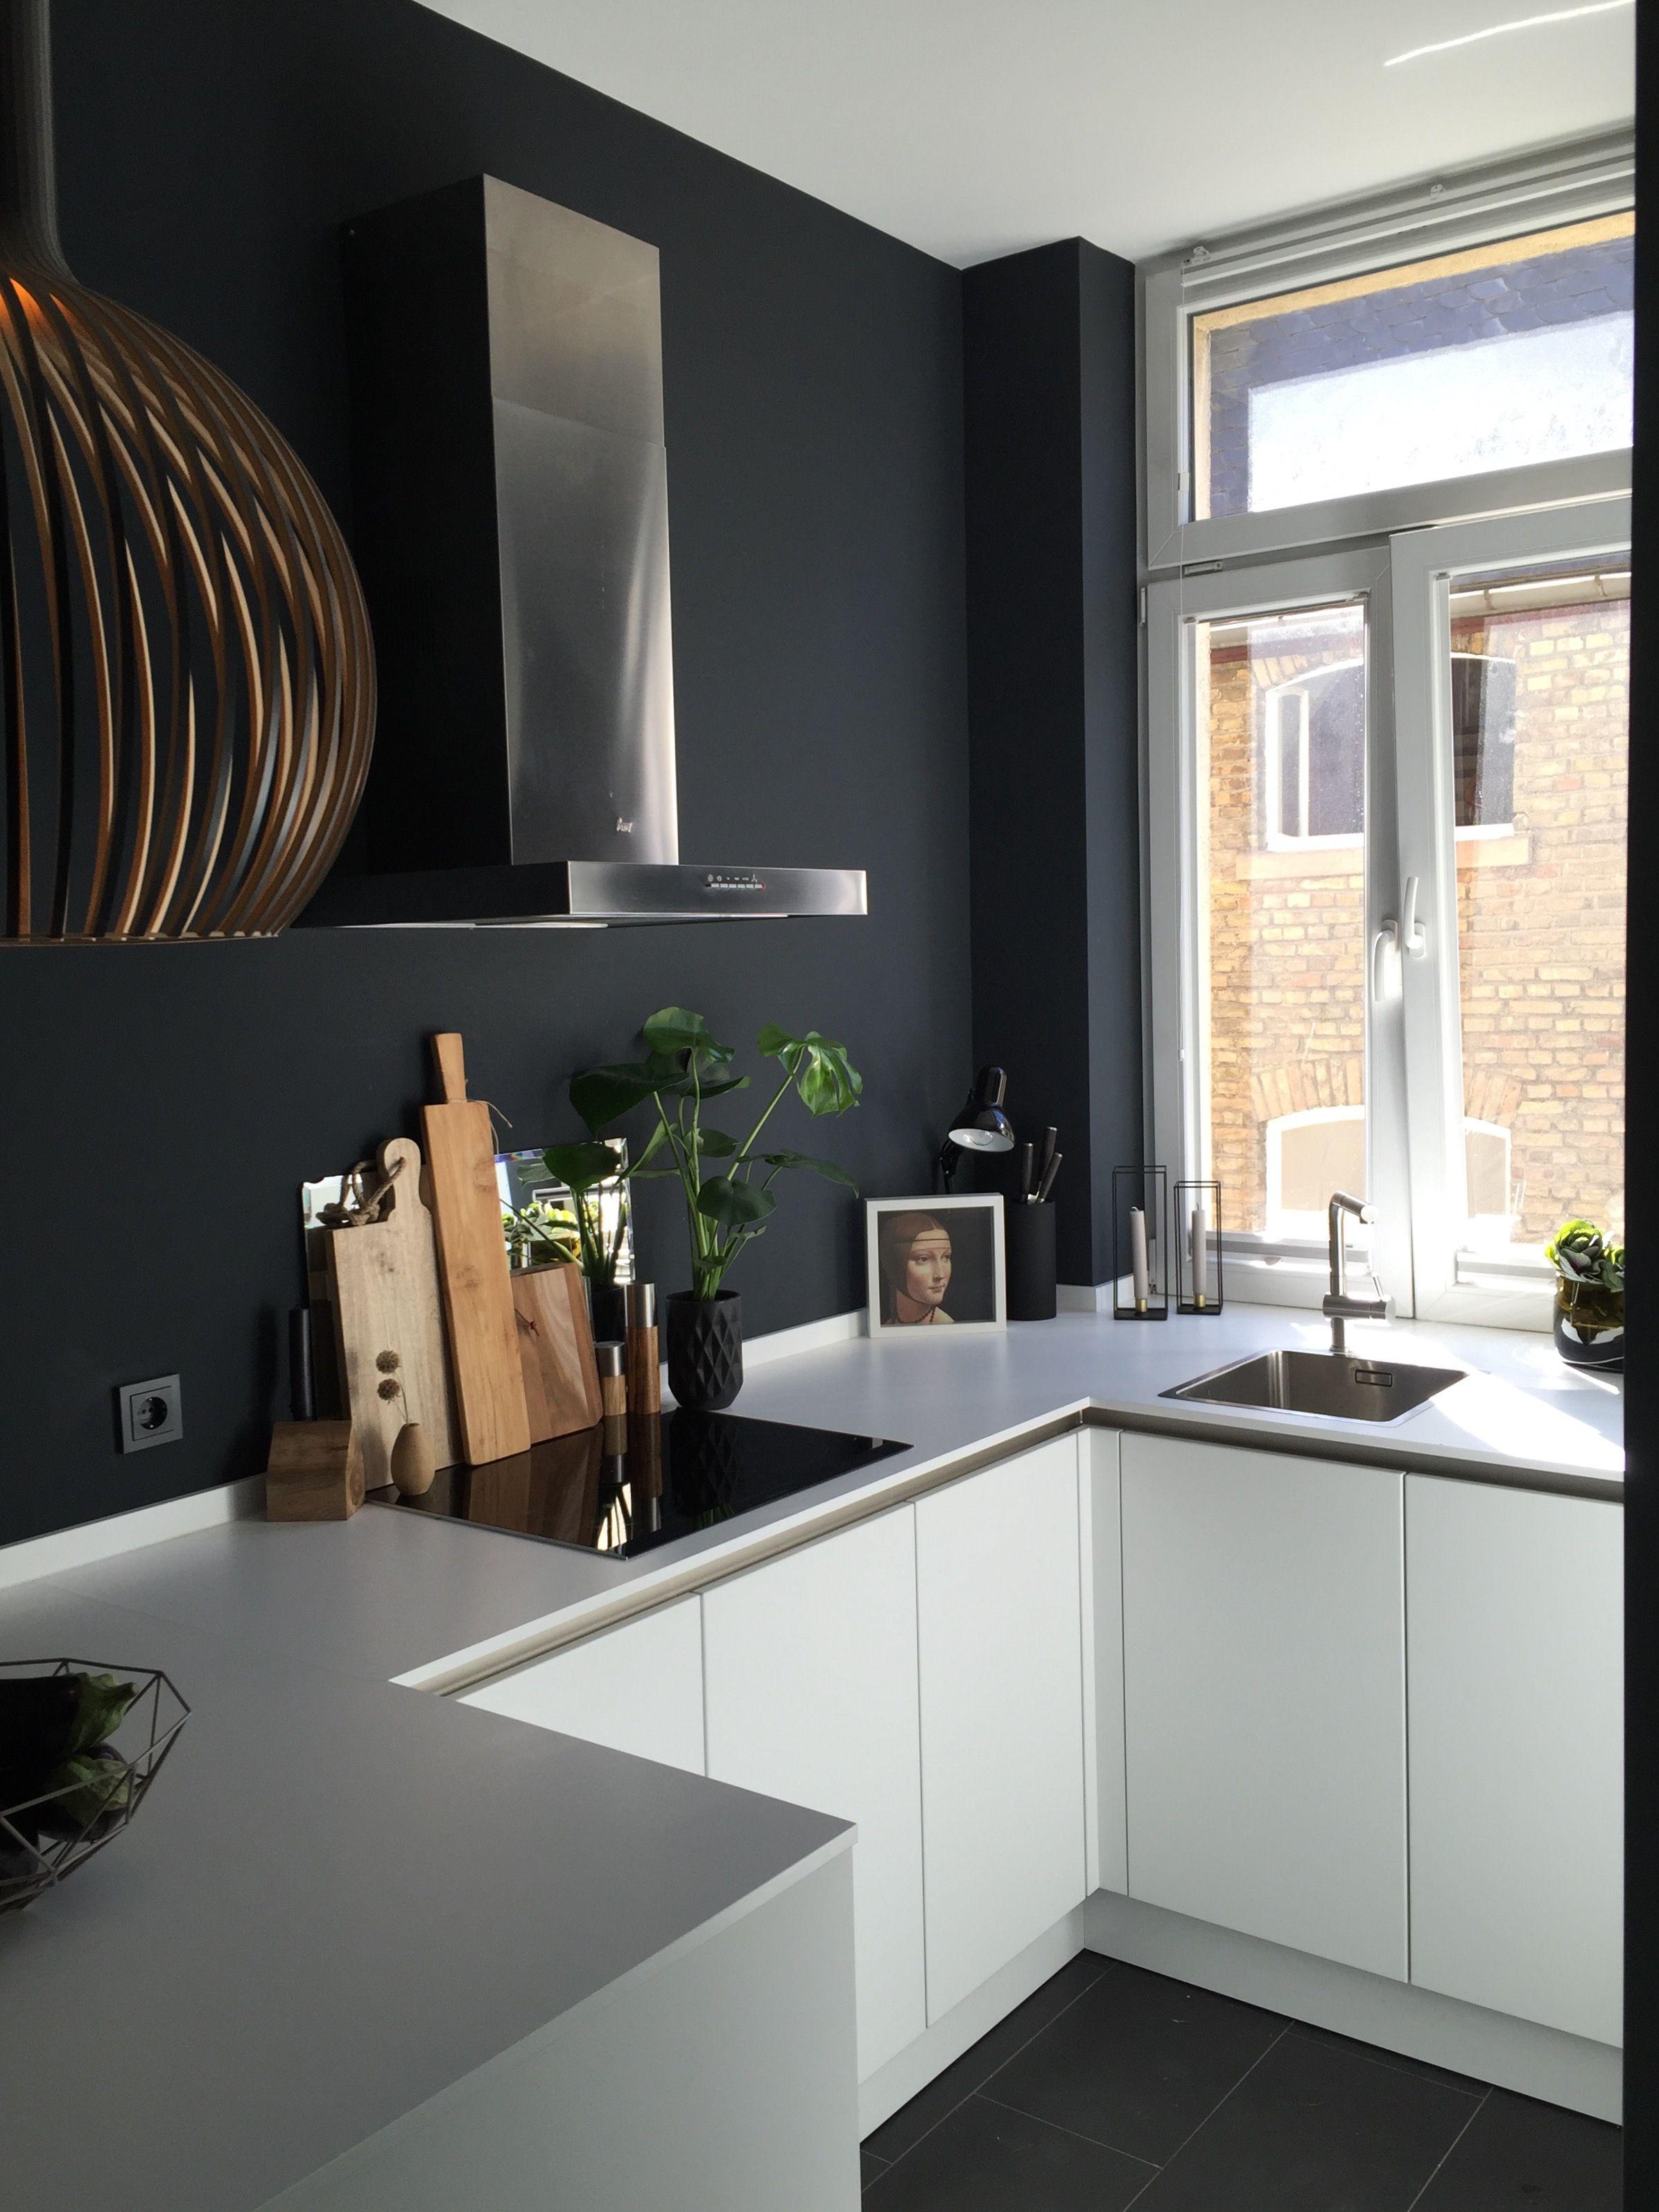 noch immer schwer verliebt heart wohnen pinterest sch ne k chen wohnen und kuchen. Black Bedroom Furniture Sets. Home Design Ideas